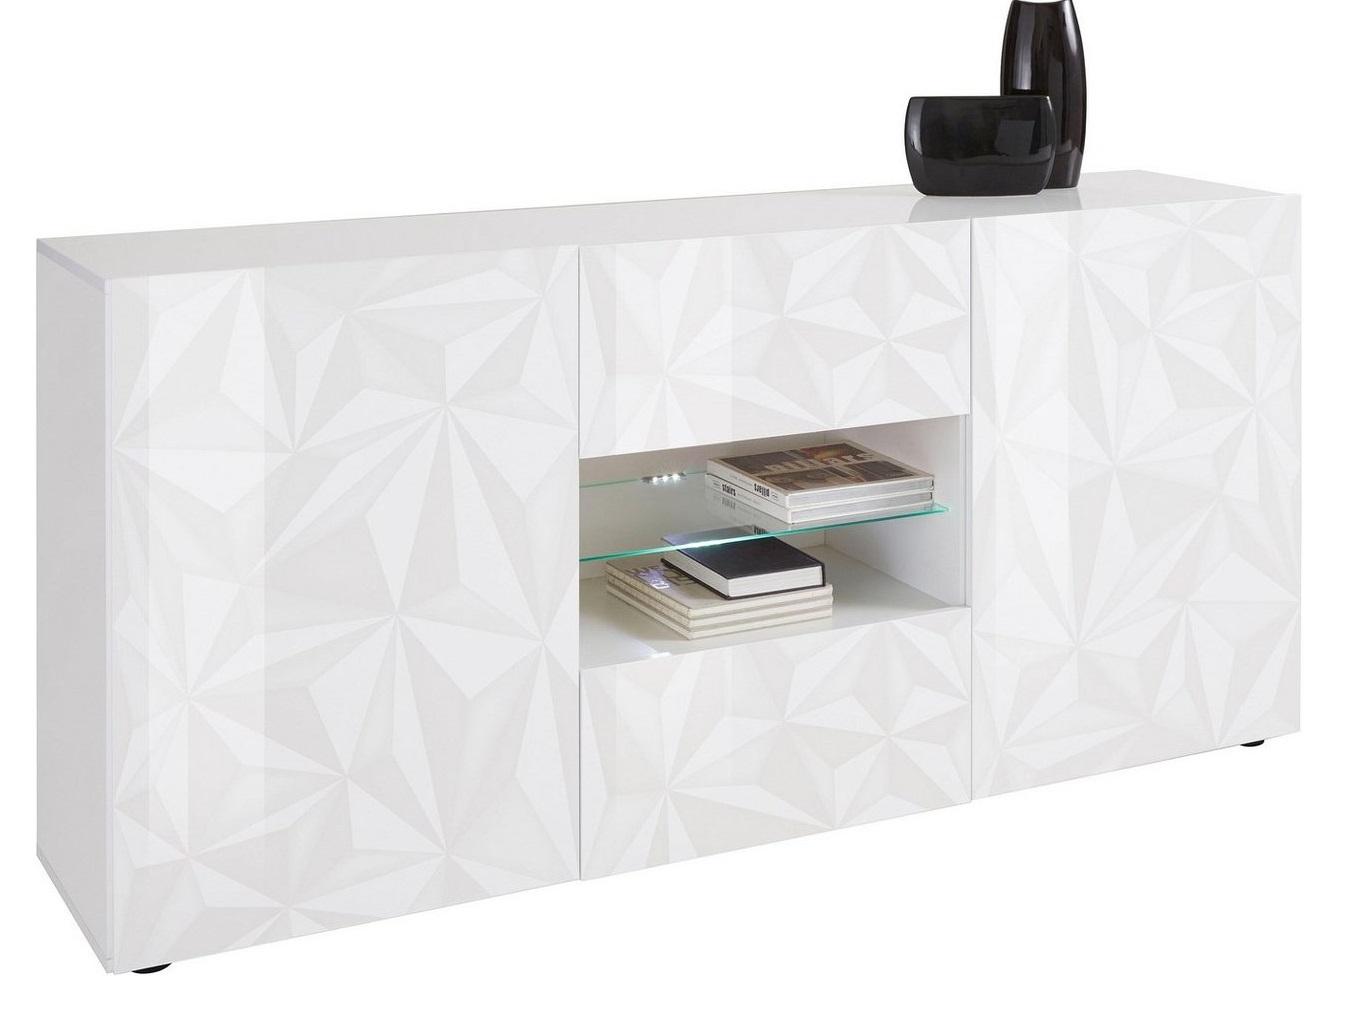 Dressoir Kristal 181 cm breed in hoogglans wit